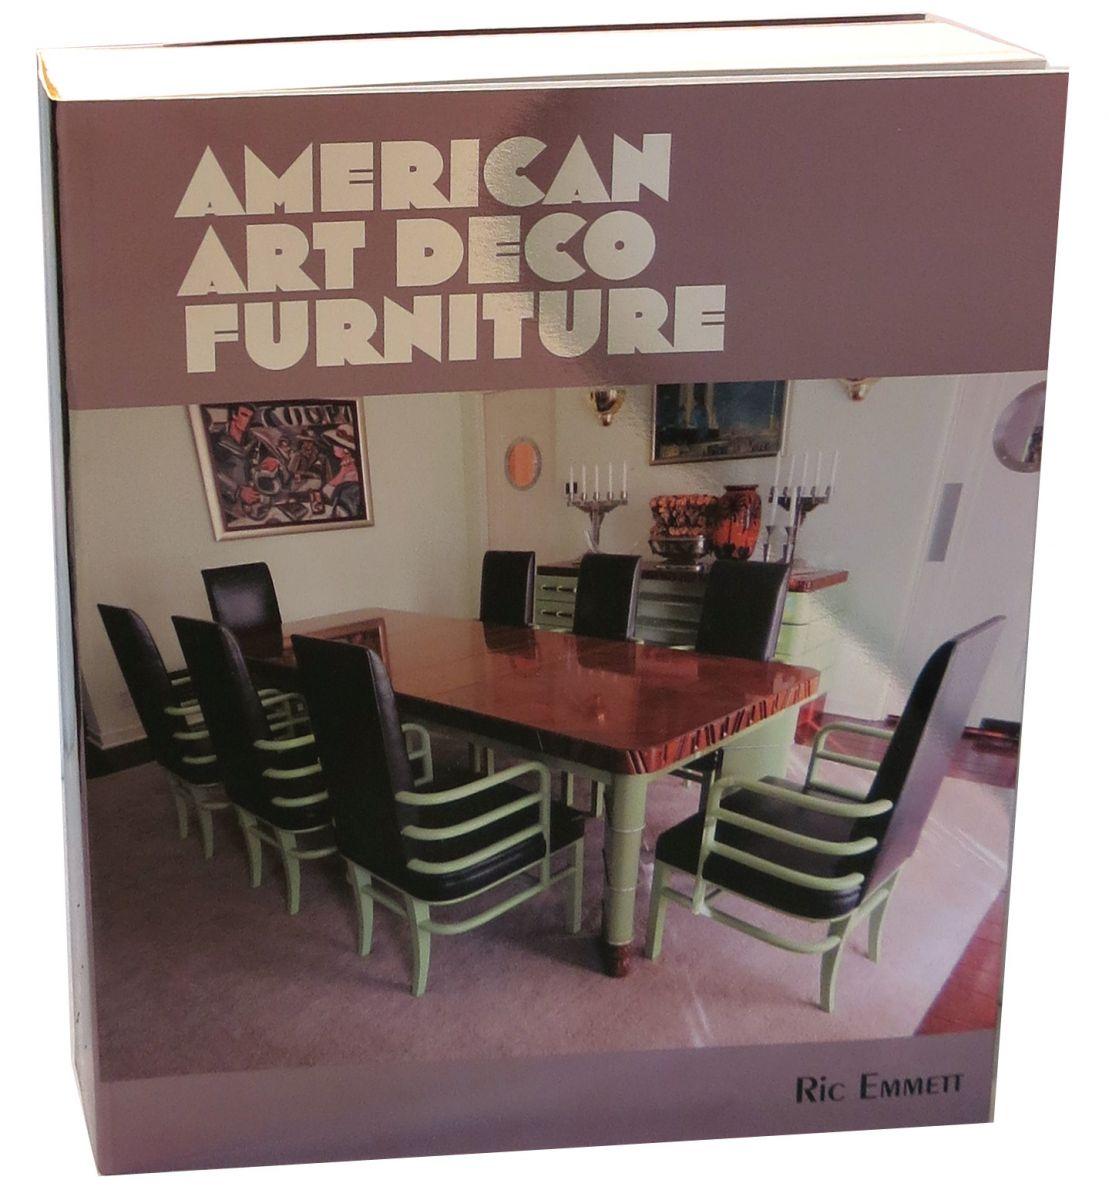 Book Furniture: American Art Deco Furniture By Ric Emmett Ltd Edition Book